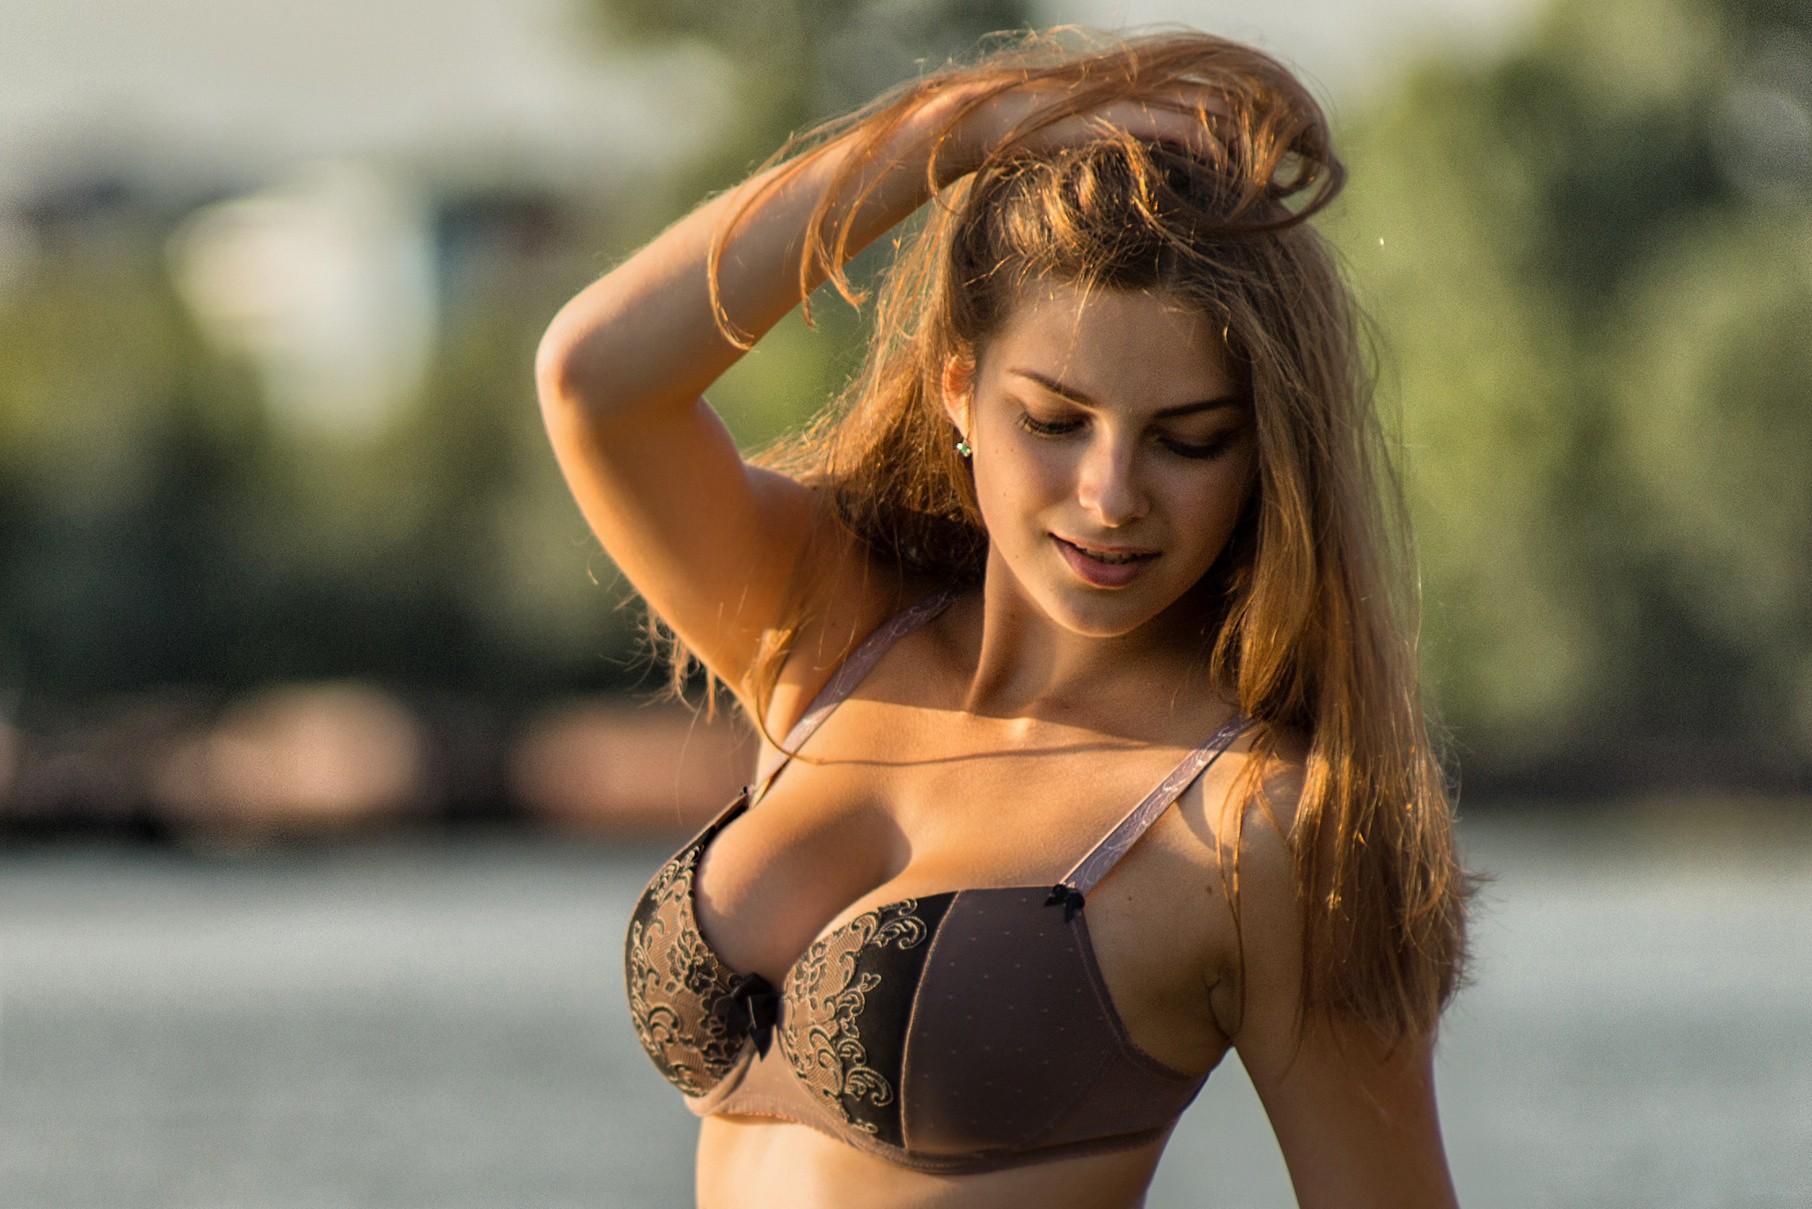 Смотреть груди девушек, Женская красивая грудь (сиськи), смотреть онлайн 4 фотография